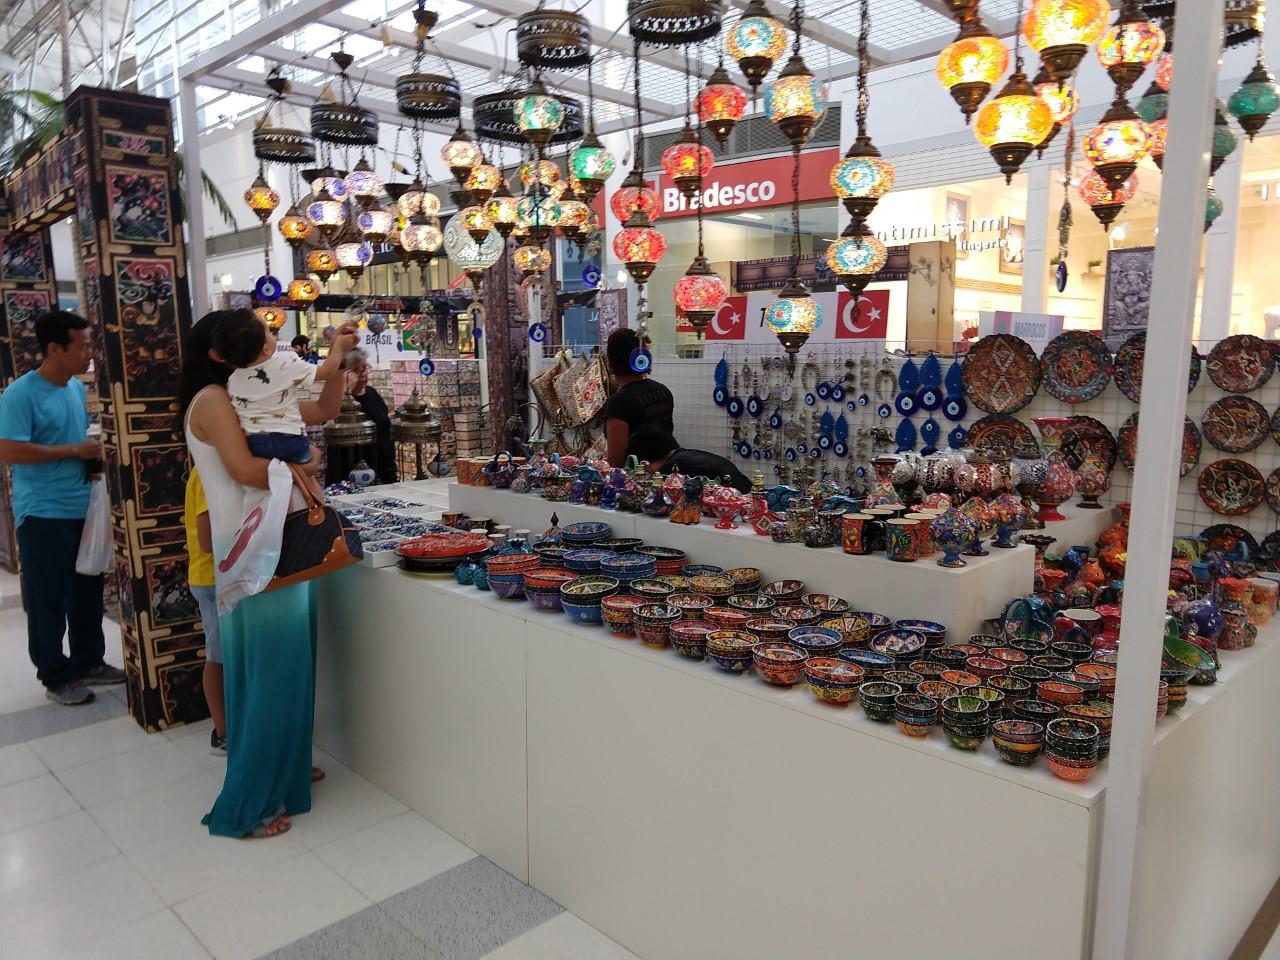 Feira Internacional de Artesanato e Decoração acontece até dia 29 no Shopping Tamboré